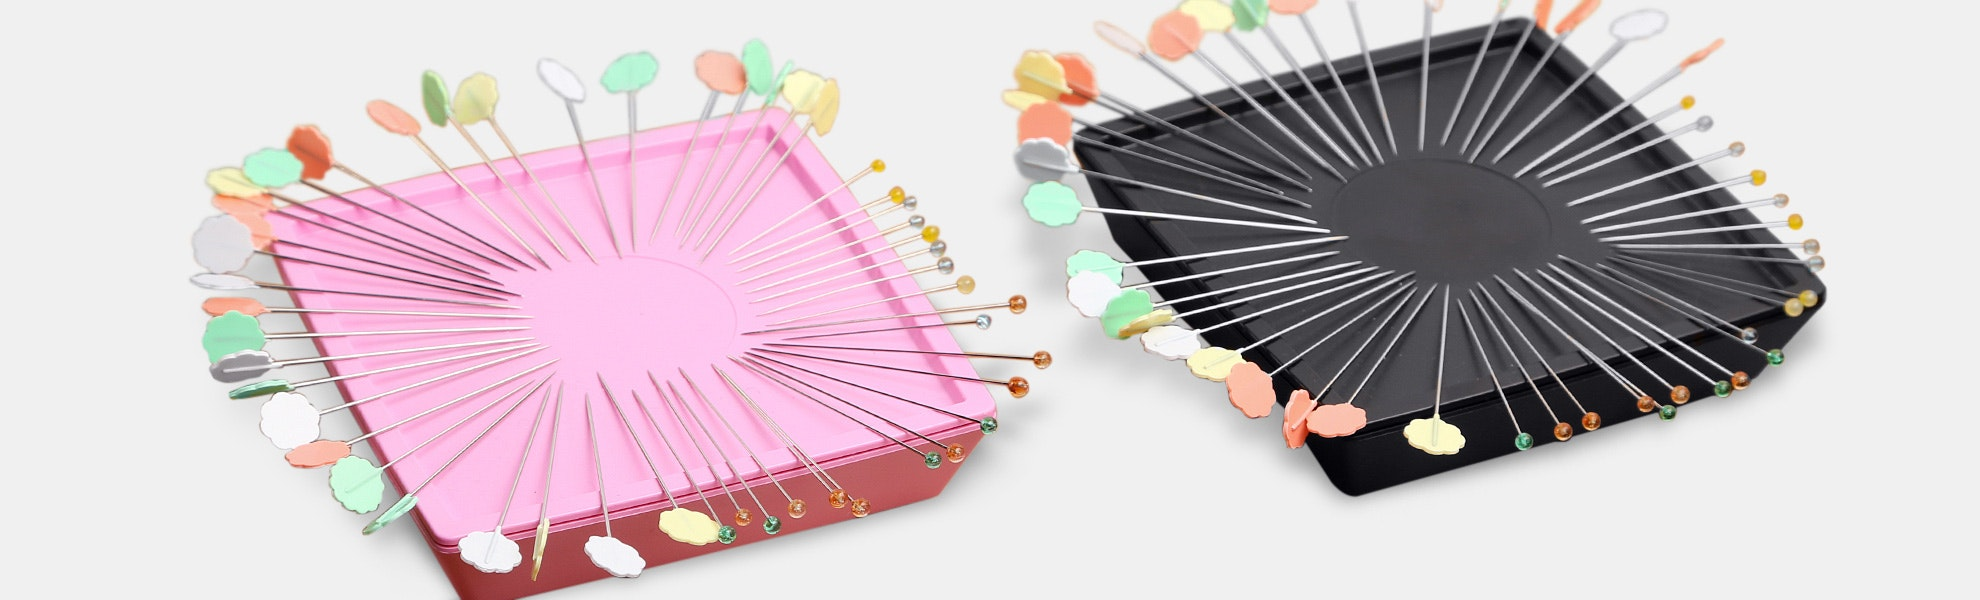 Zirkel Magnetic Pin Holder Bundle